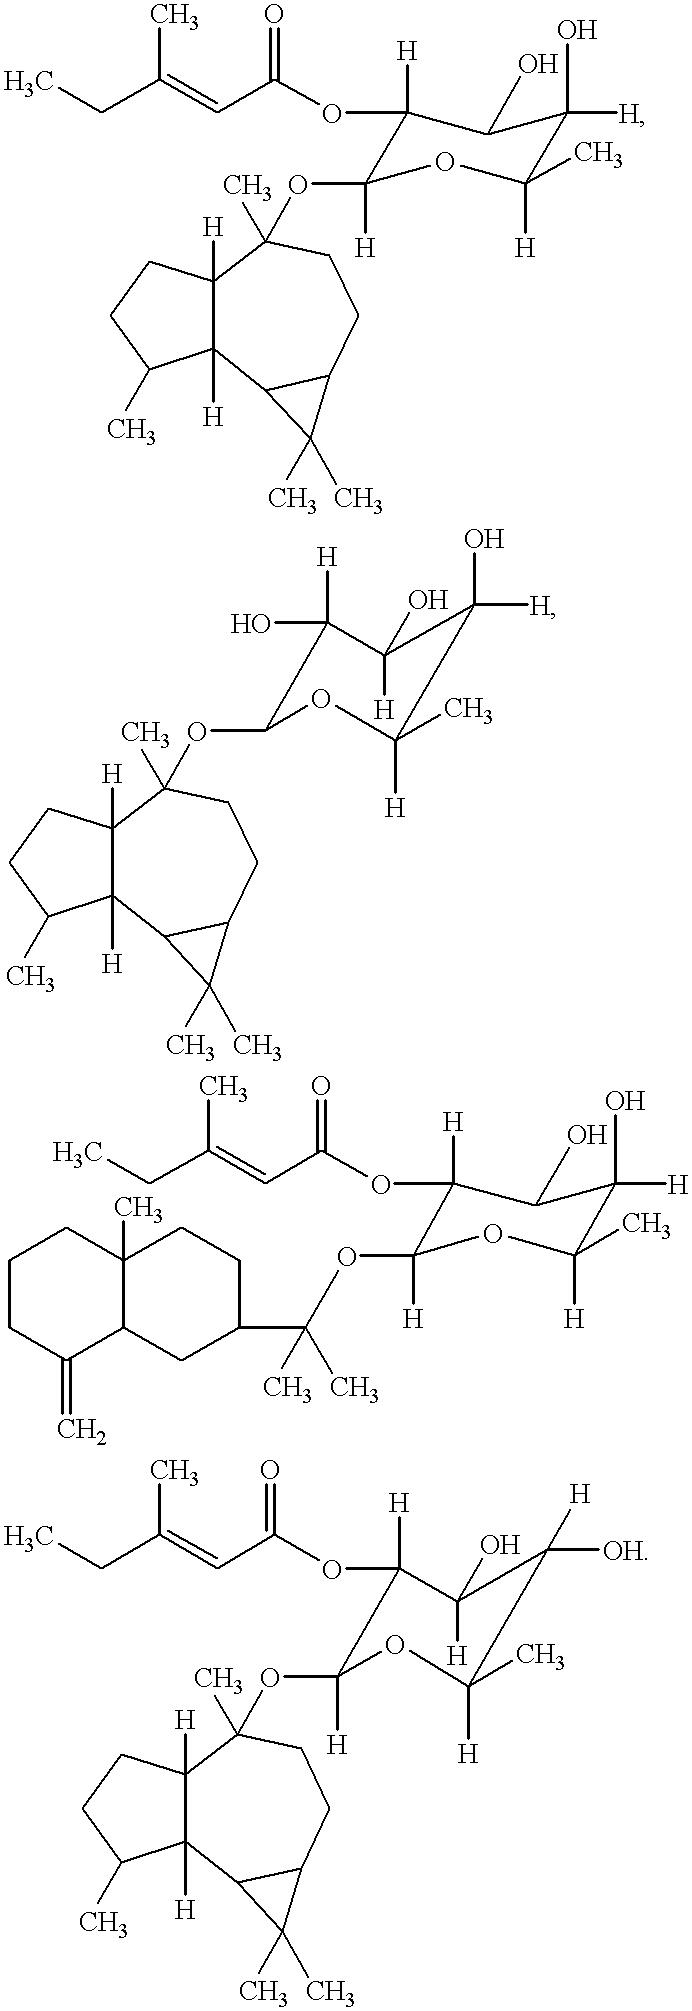 Figure US06225342-20010501-C00043